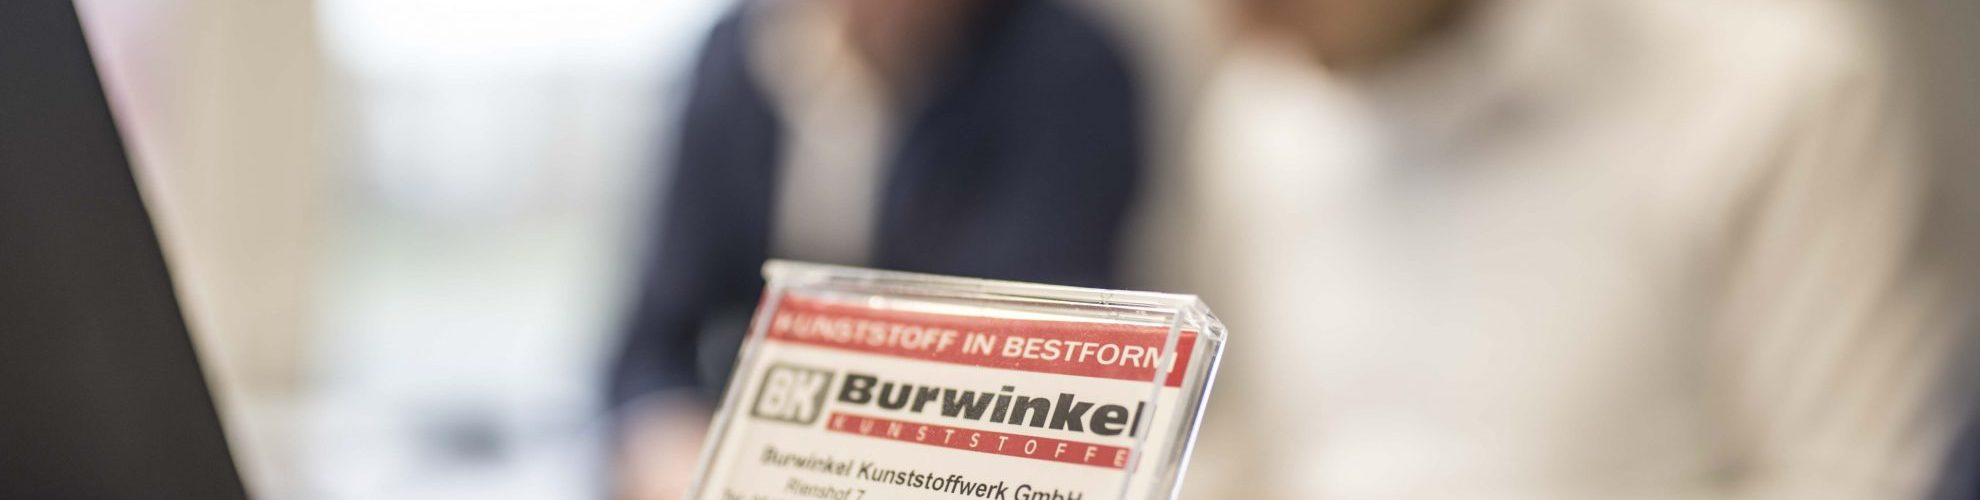 Burwinkel news